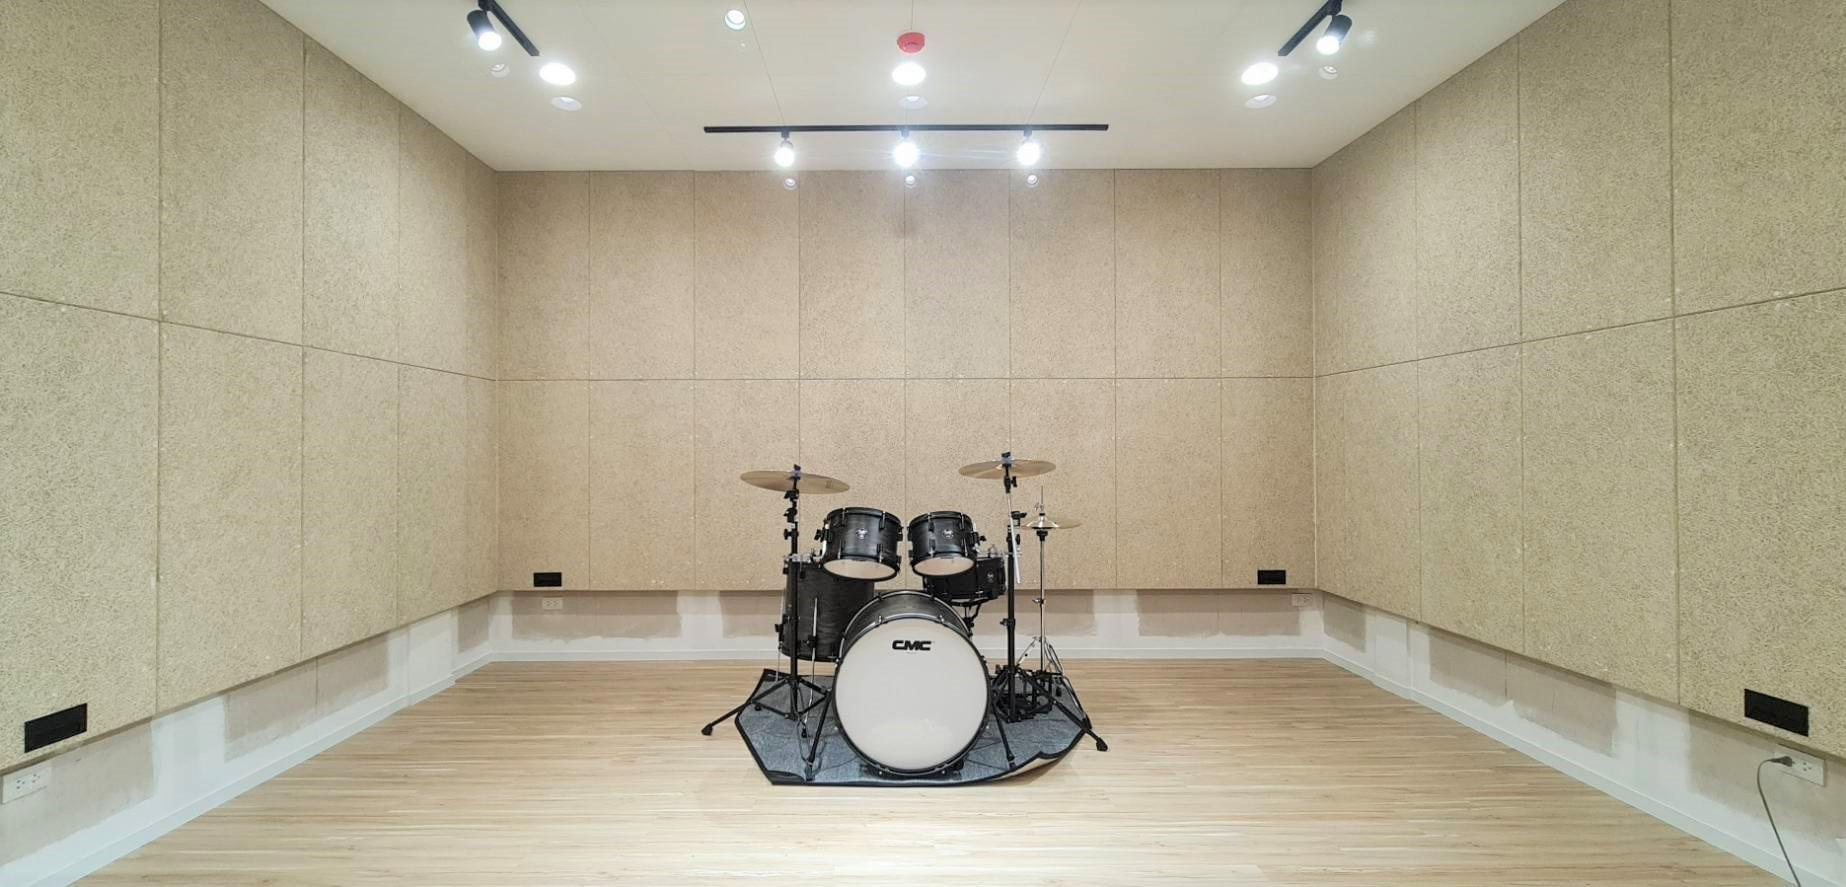 ห้องซ้อมดนตรีสไตล์ลอฟ DIYในแบบที่เป็นตัวคุณ ด้วย Trandar Heradesign